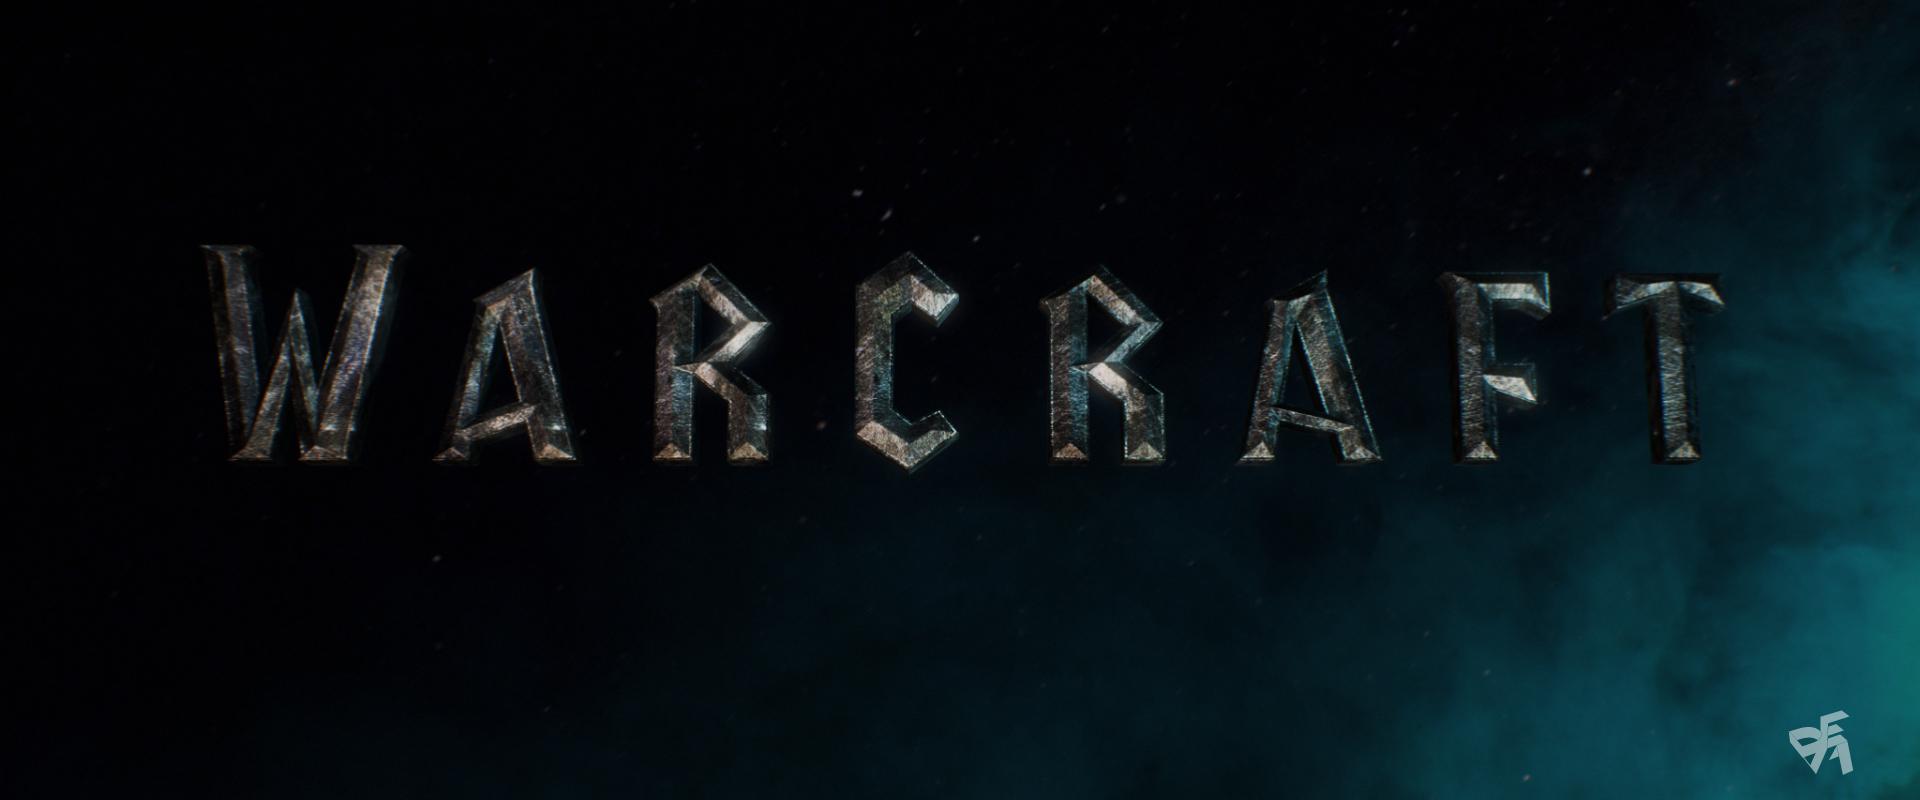 Warcraft-STYLEFRAME_02.jpg